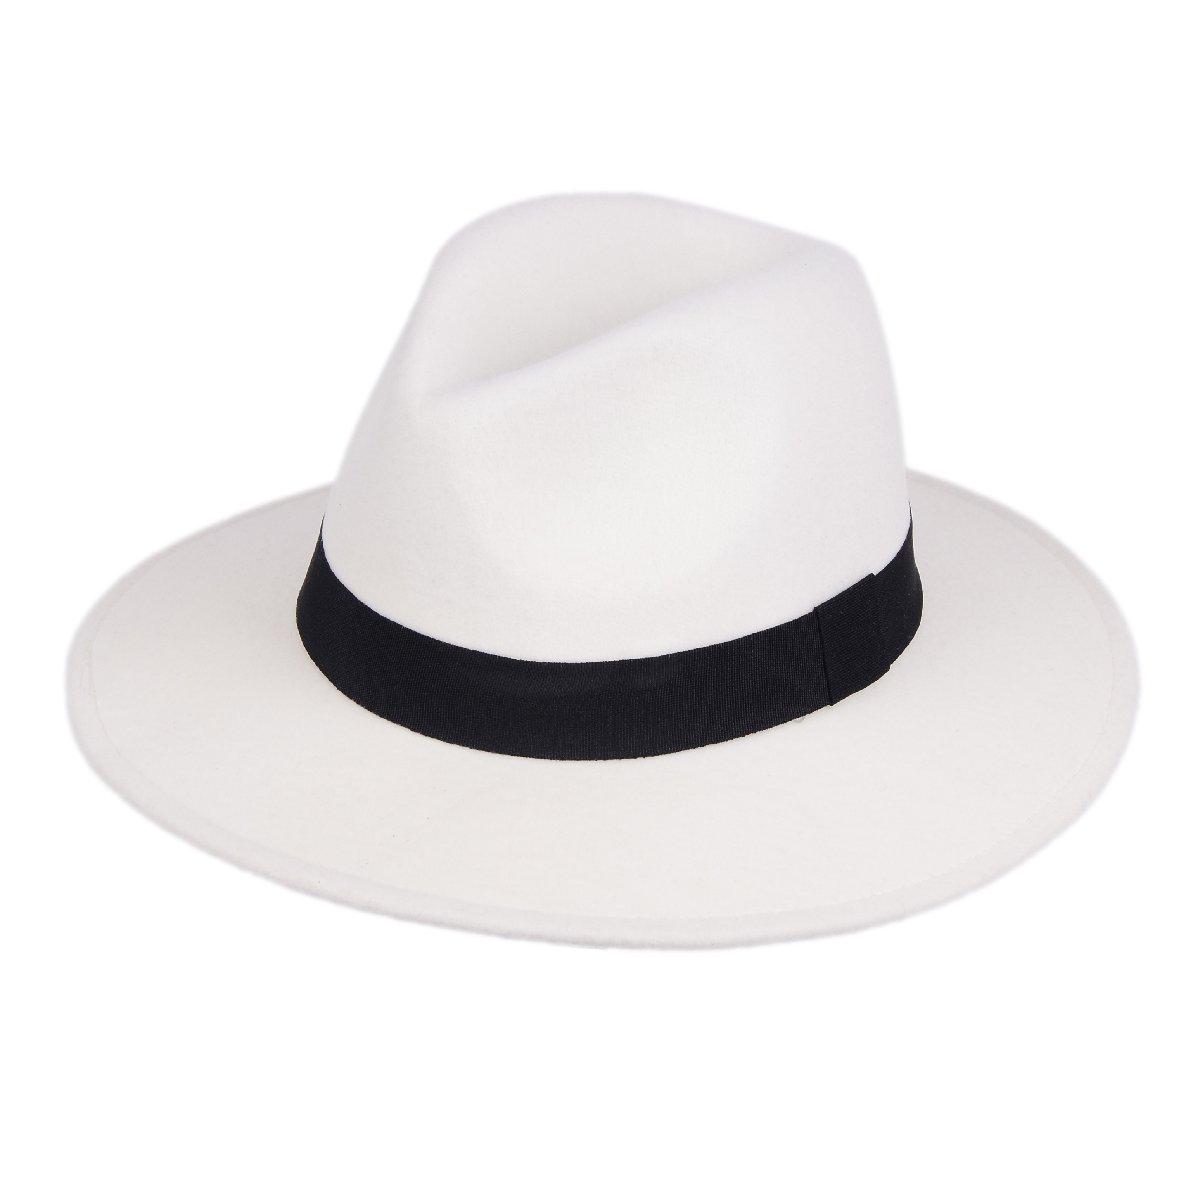 Galleon - Gangster Hat 504e973cb79